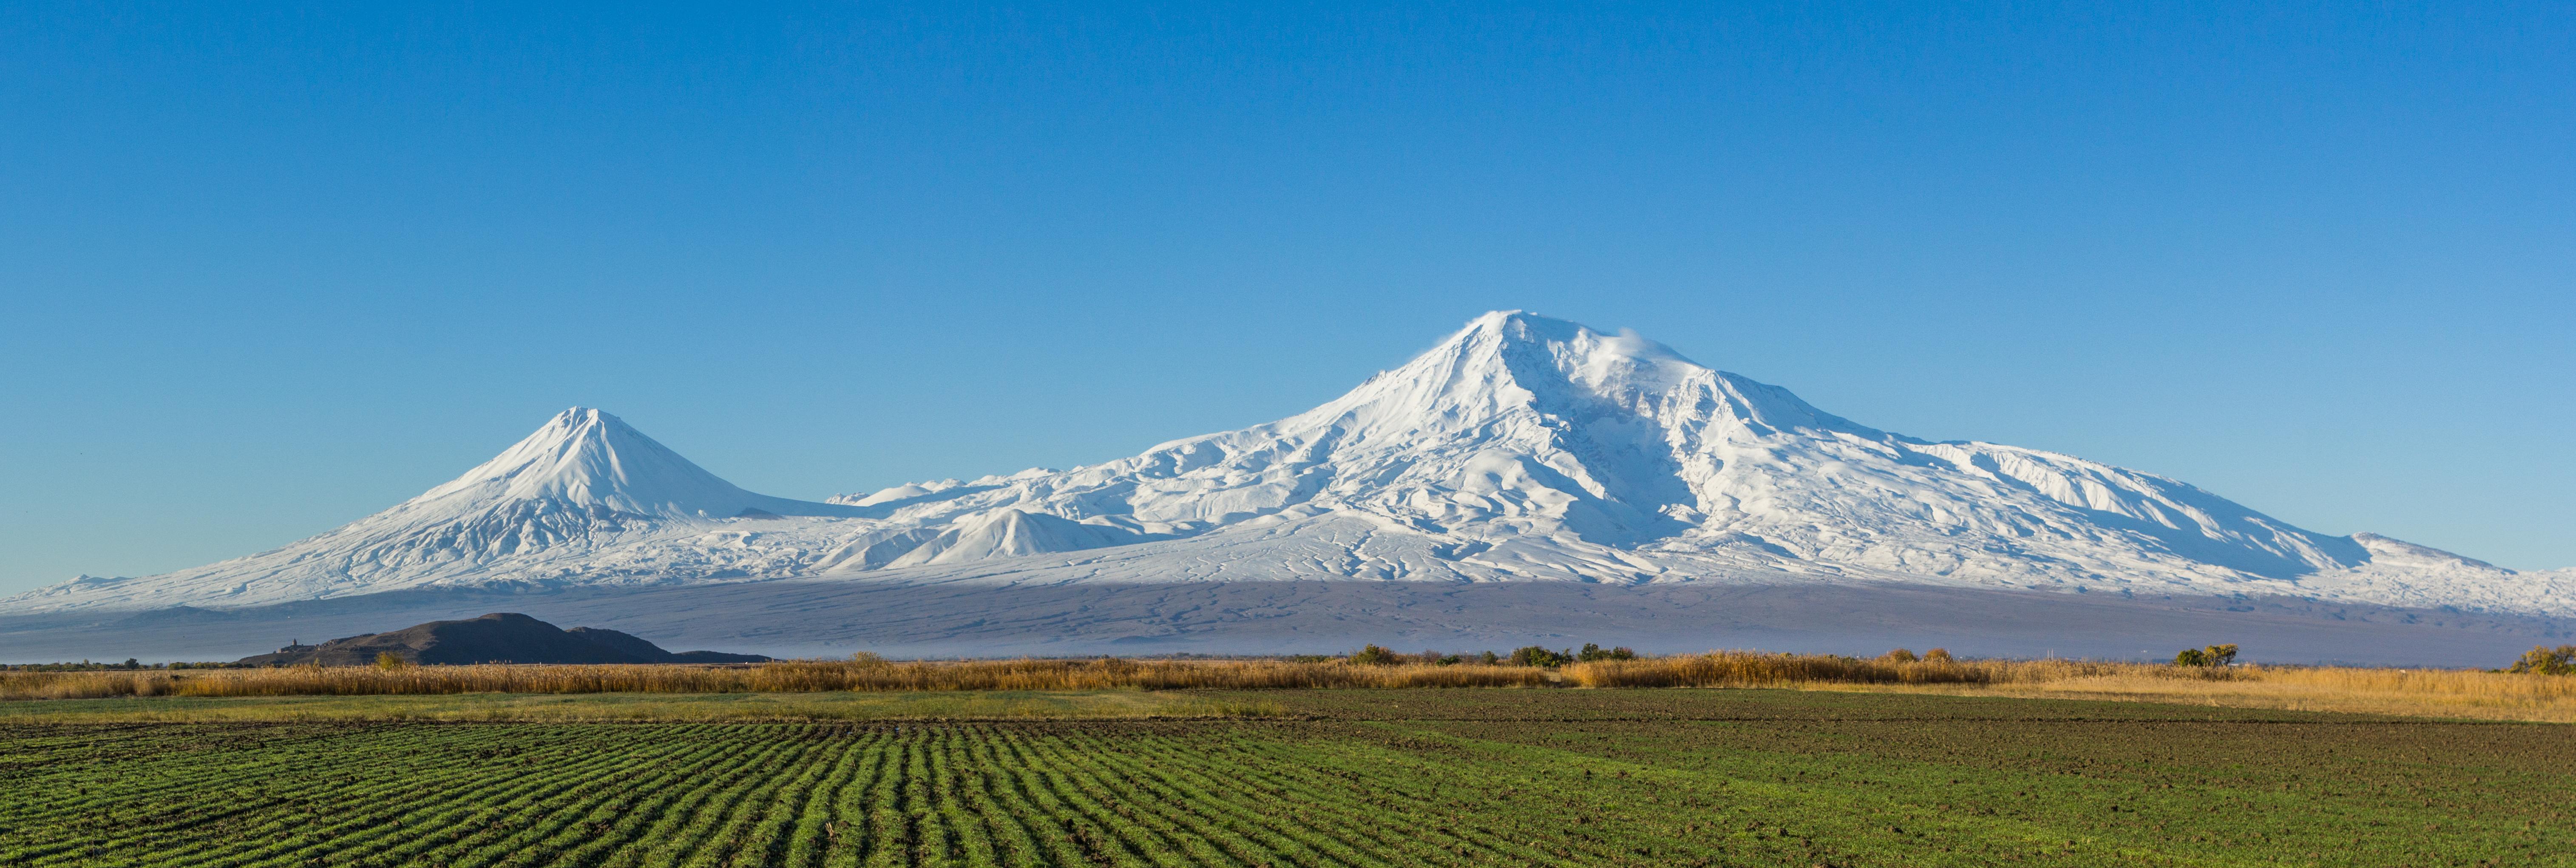 Ararat City